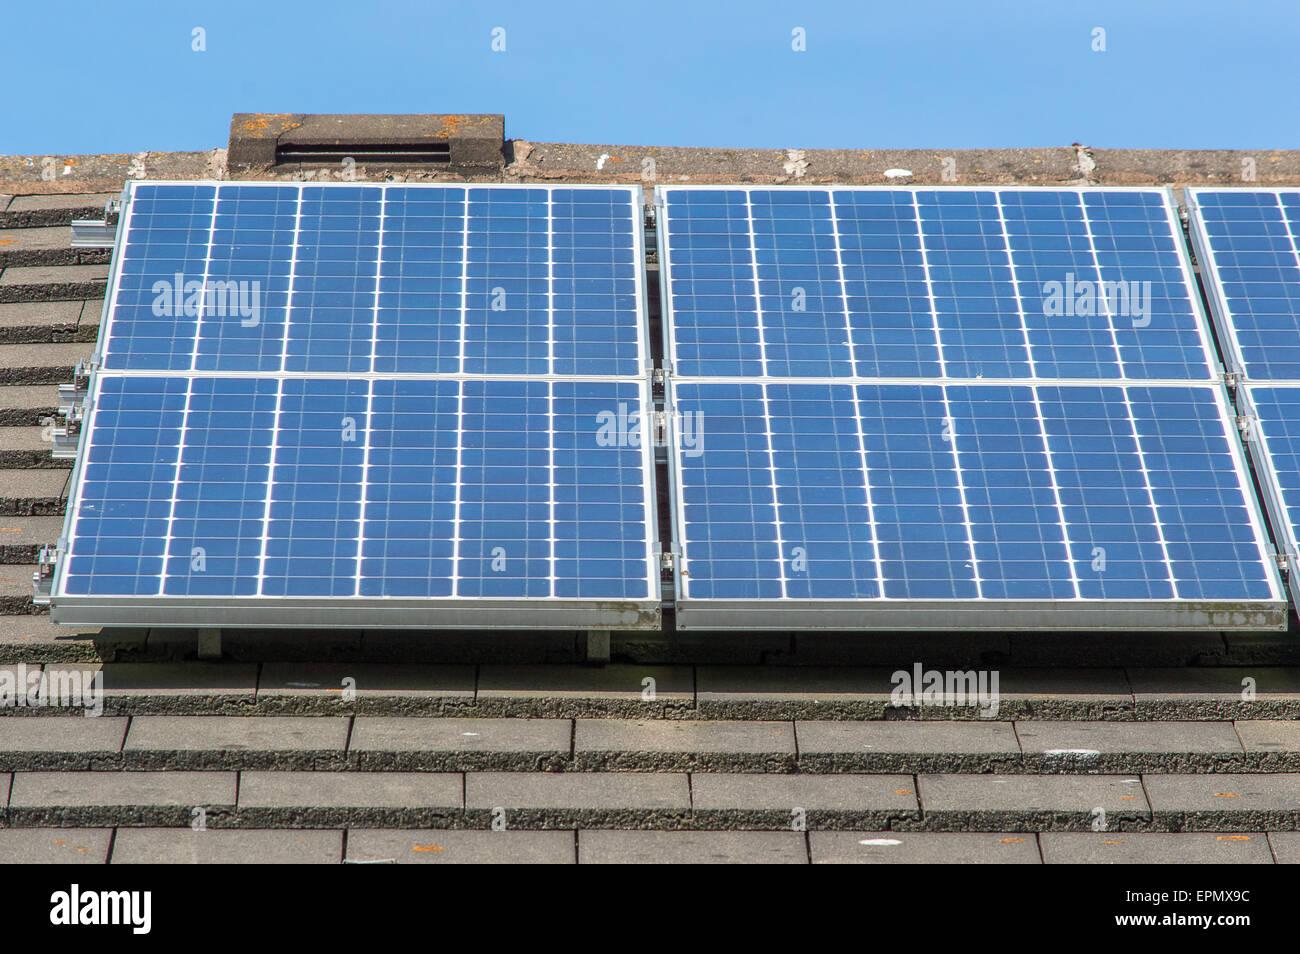 Paneles solares en el techo de un día soleado Imagen De Stock